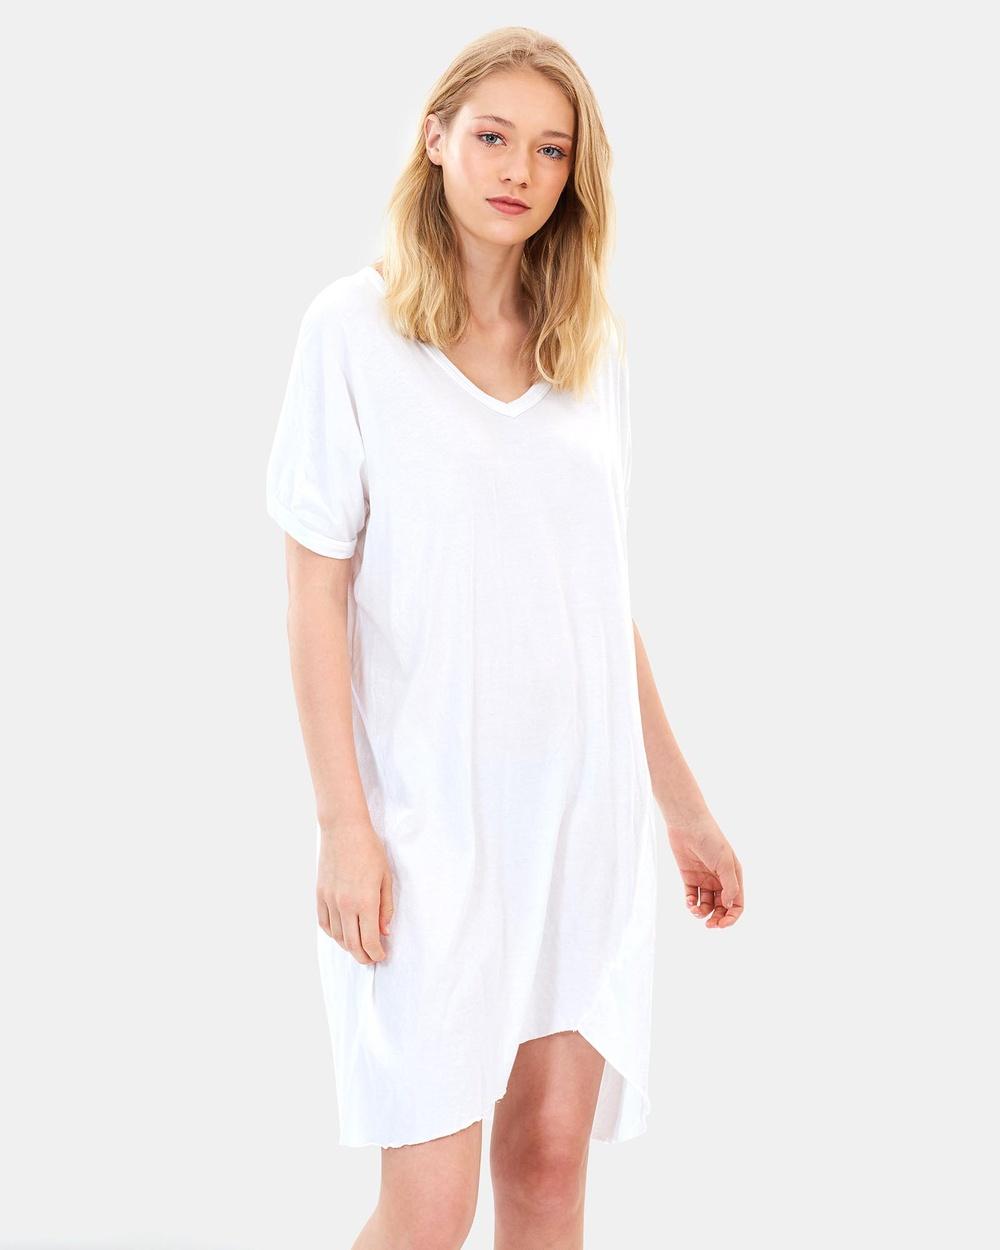 Primness Hap Tee Dress Dresses Blanc Hap Tee Dress